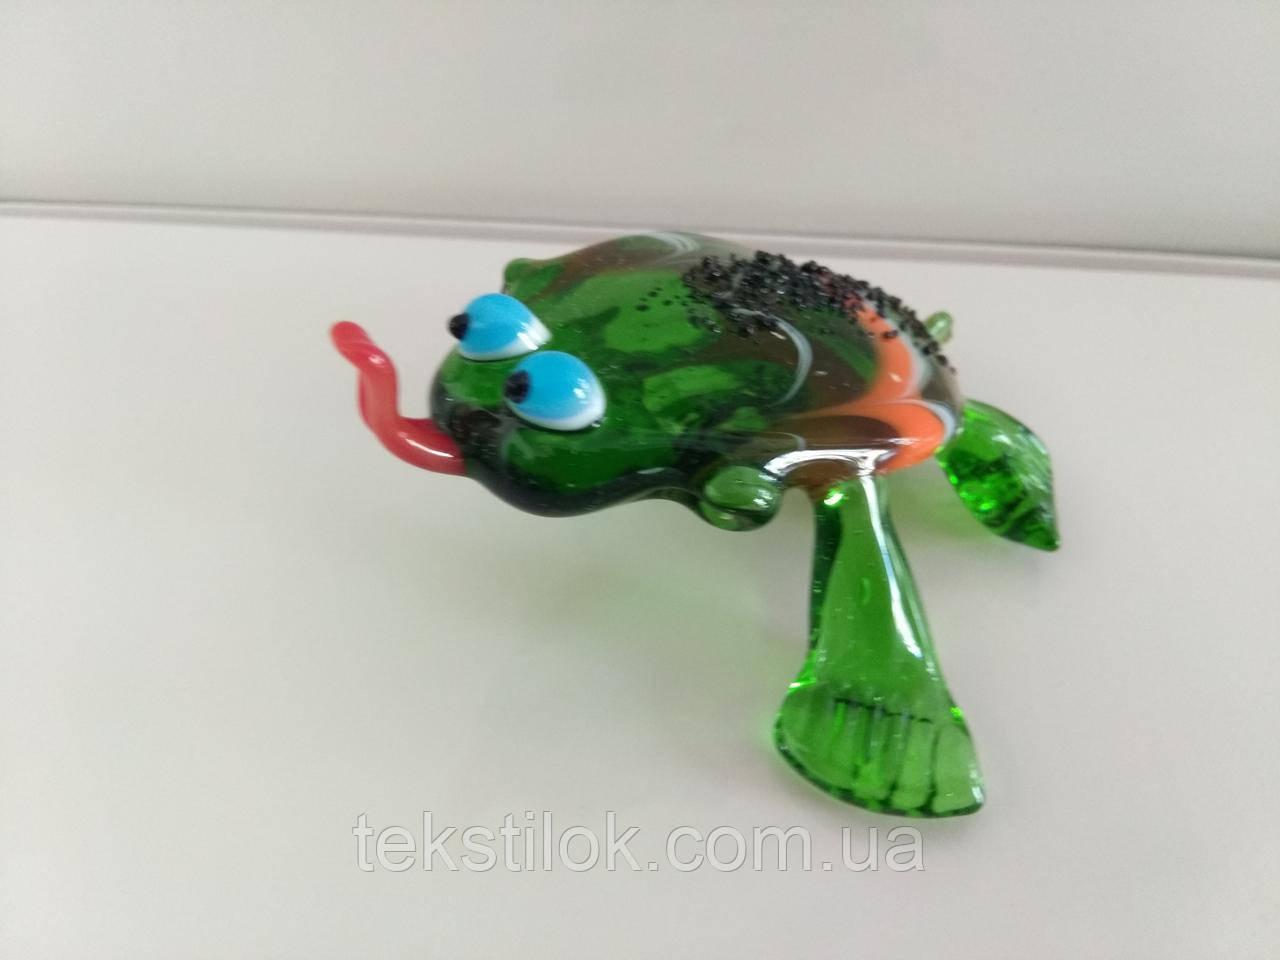 Фигурка стекло Лягушка с языком